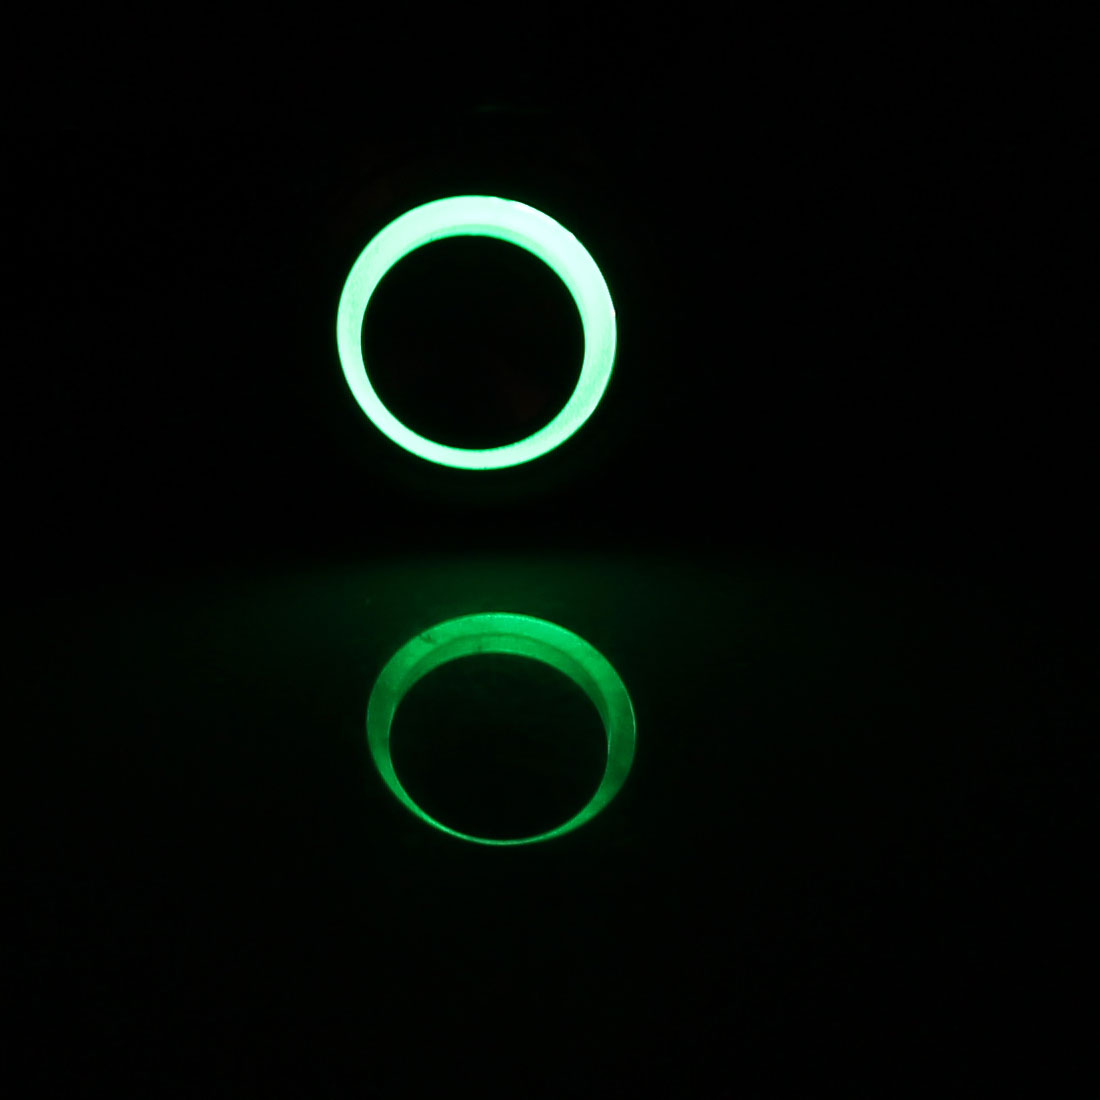 12V 16mm Vert Lampe LED Momentané Métal Commutateur De Bouton Poussoir élevée Couvercle - image 1 de 3